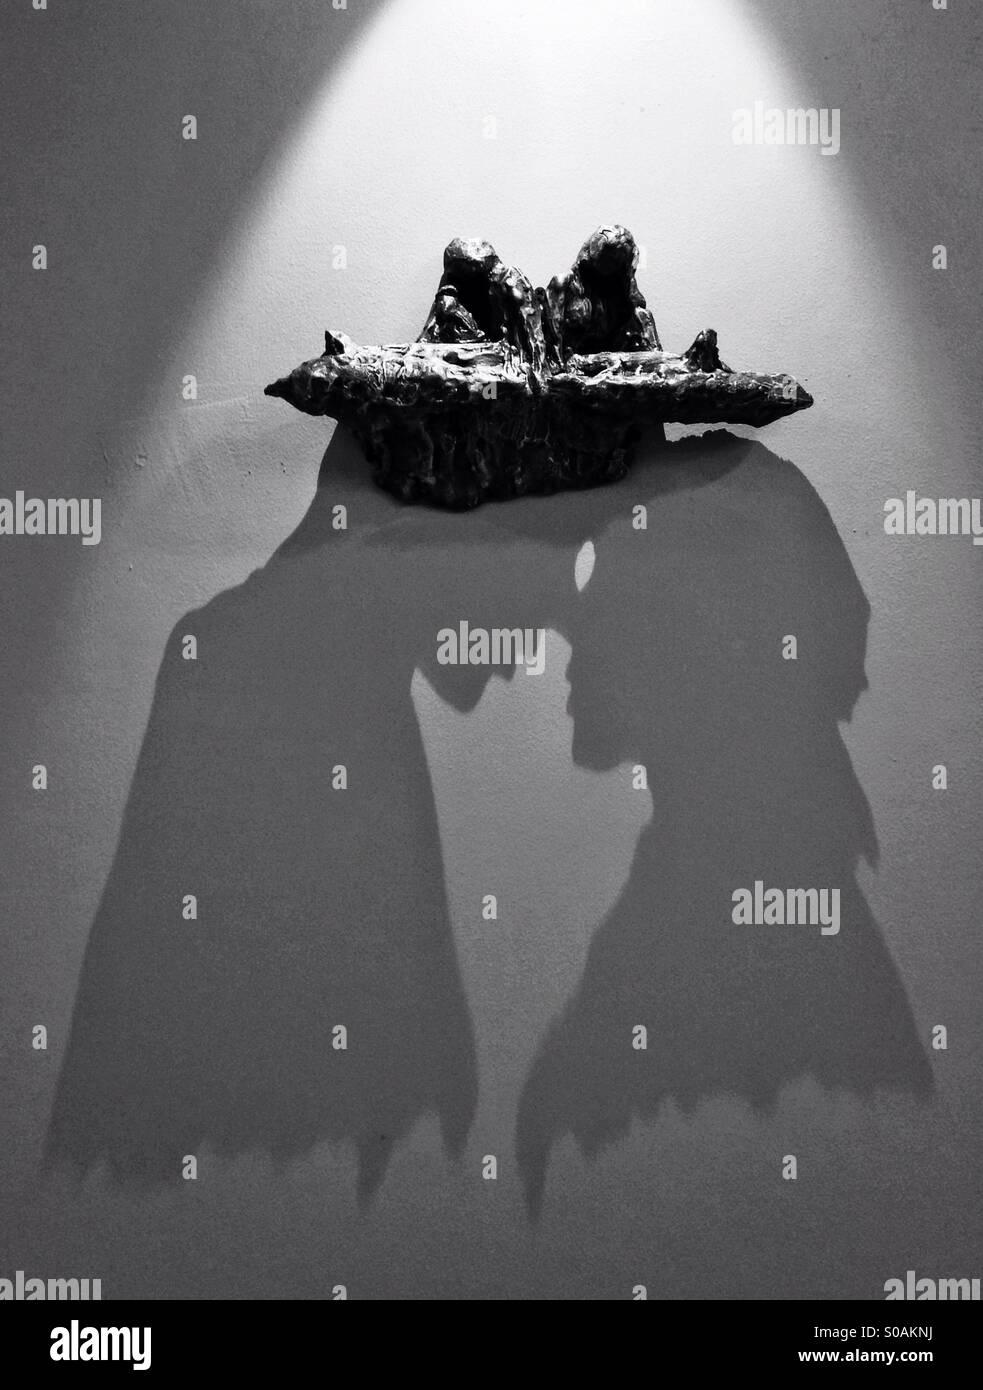 Schatten-Kunst Stockbild